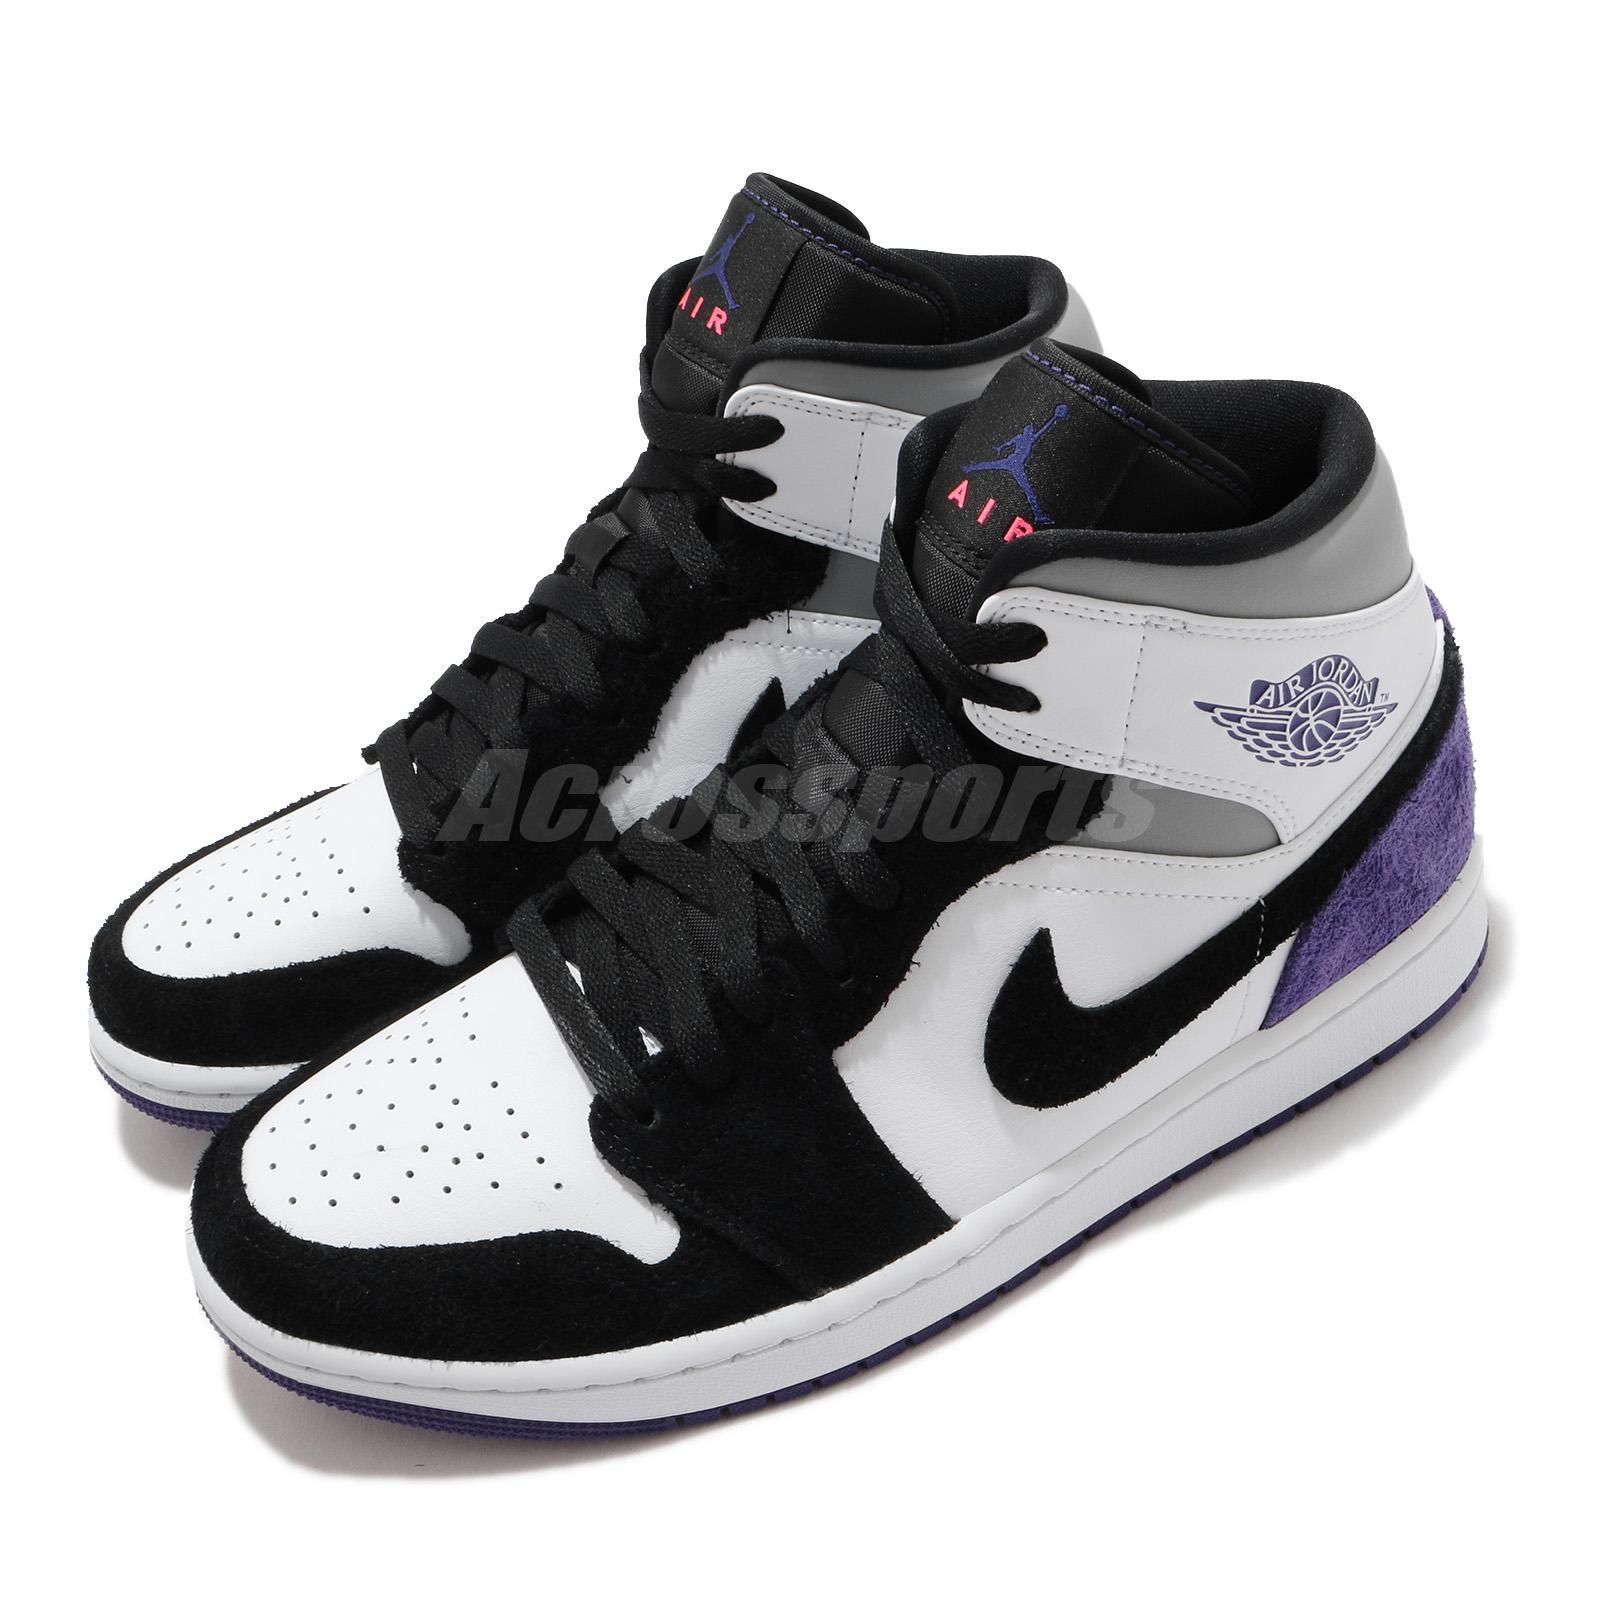 Nike Air Jordan 1 Mid SE Varsity Purple White Black Grey Men Shoes ...